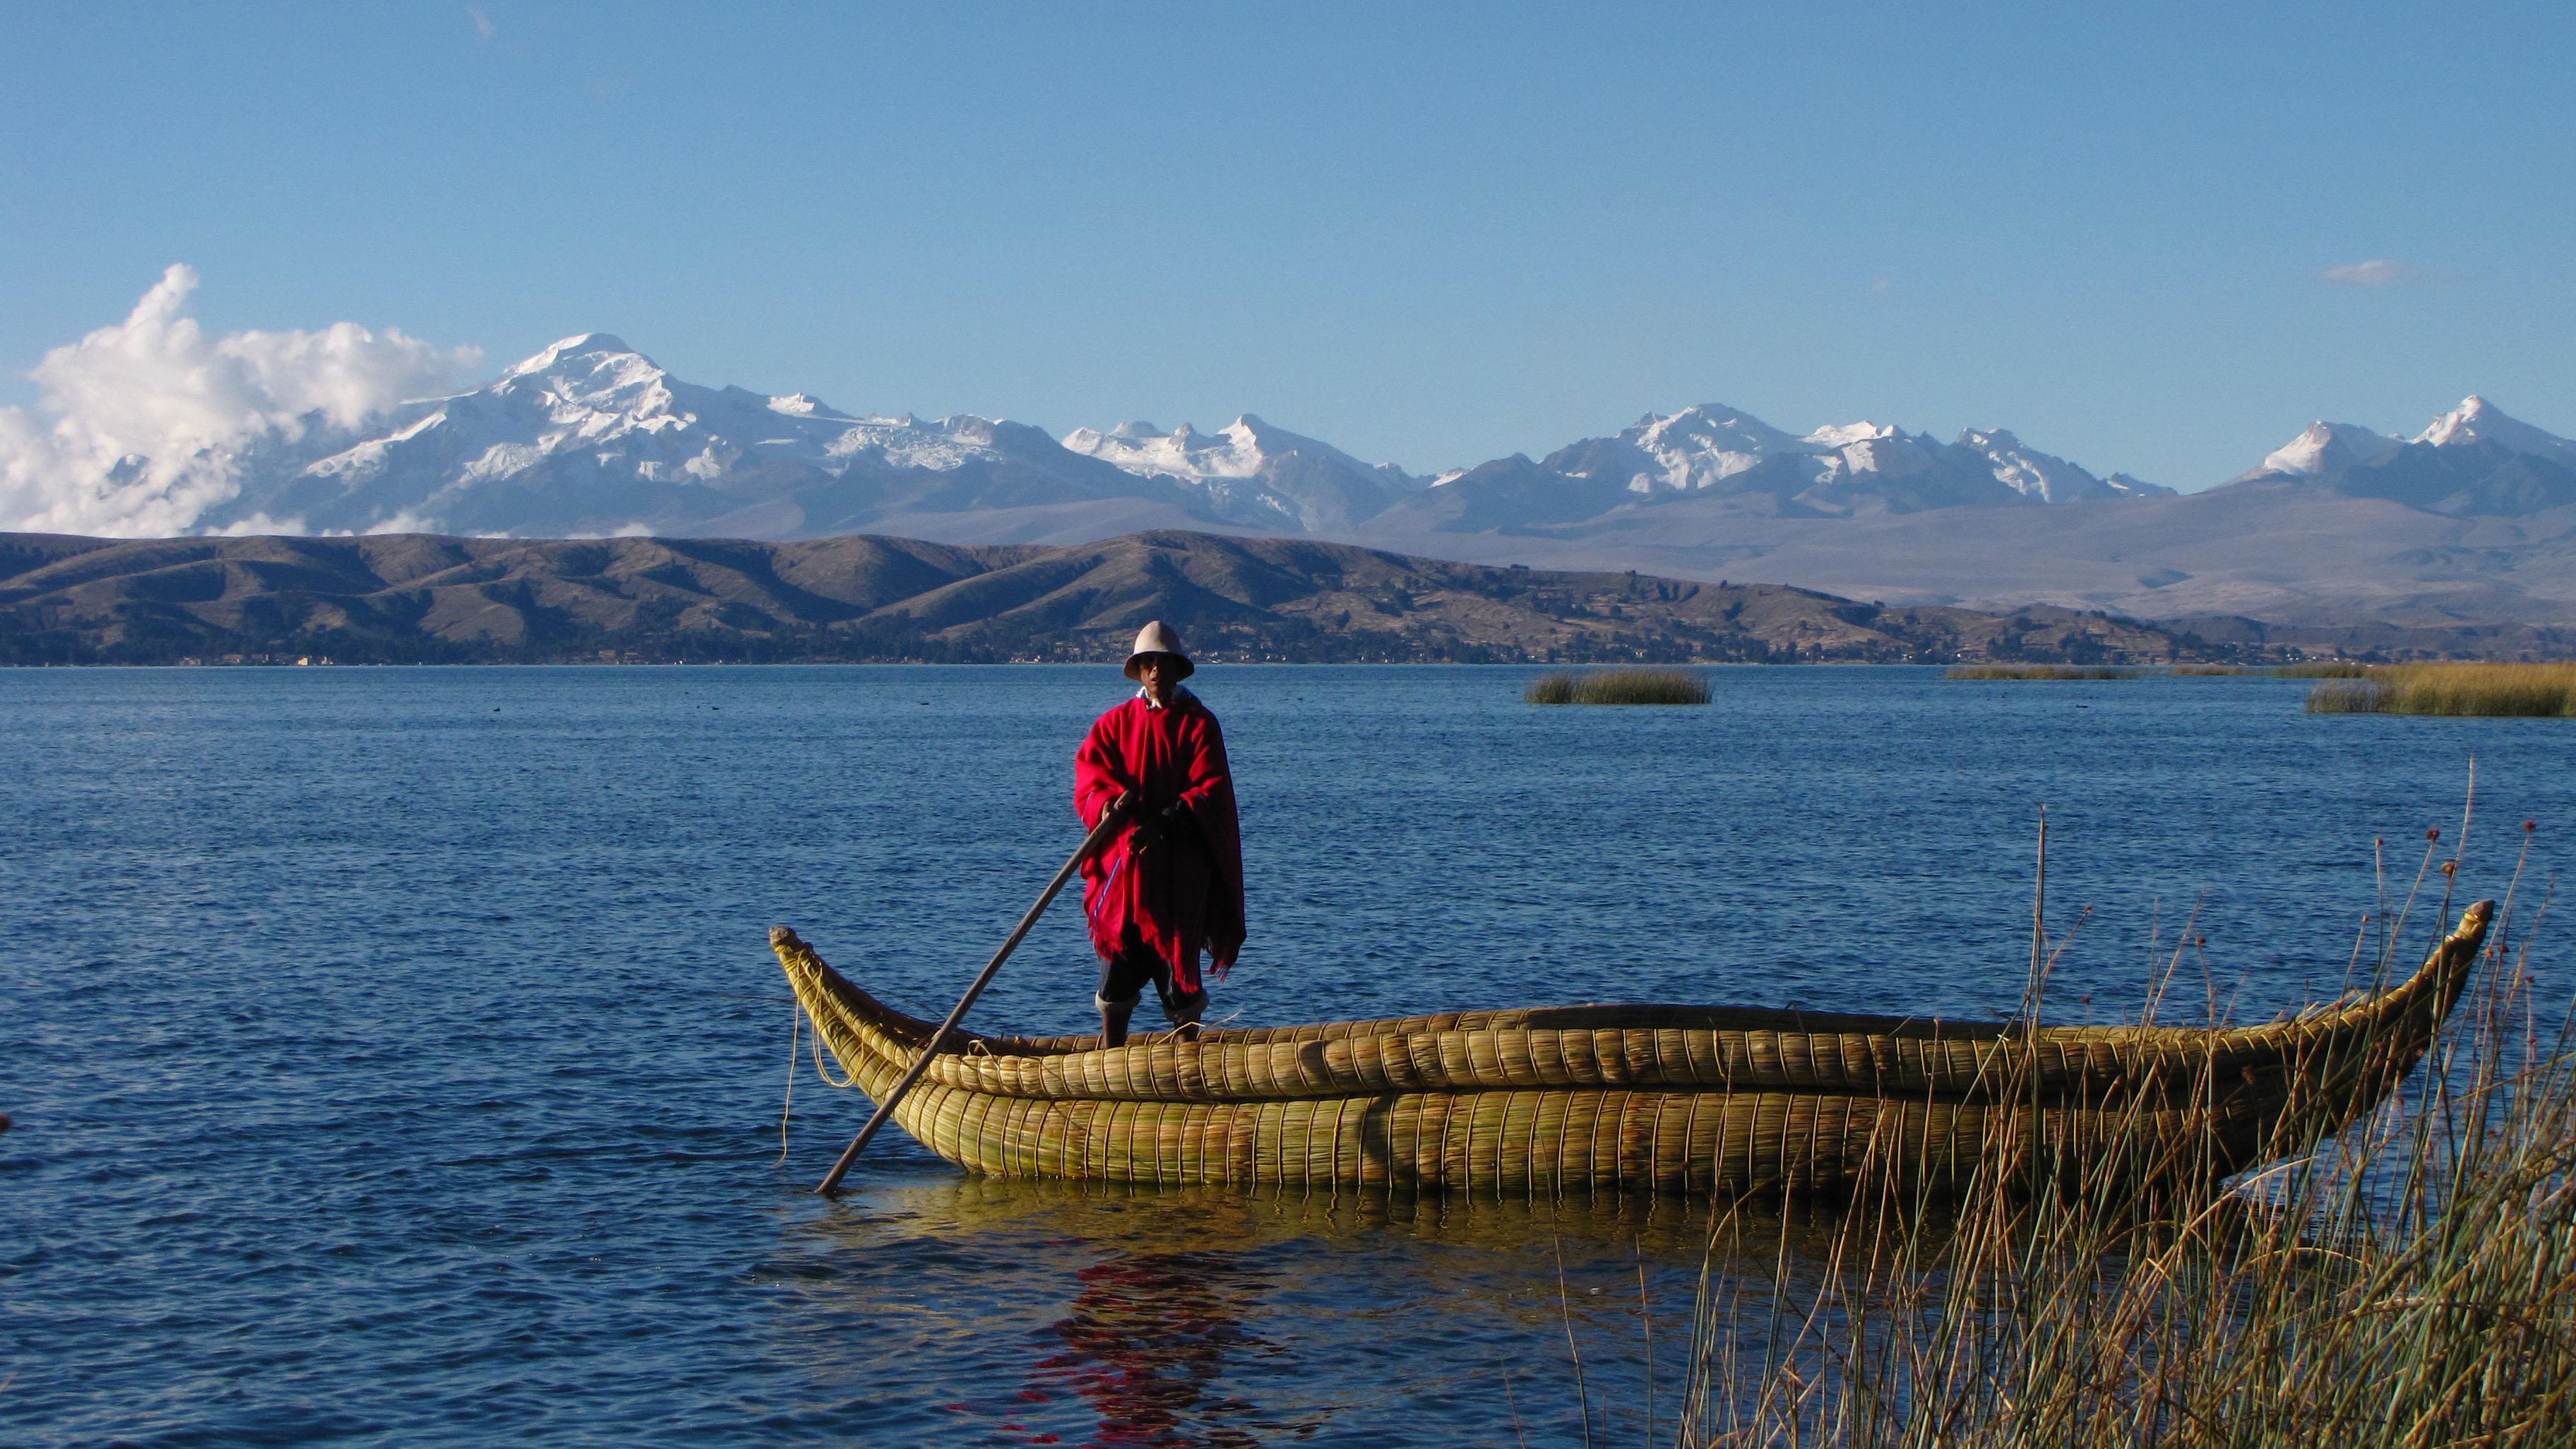 Significado del lago Titicaca